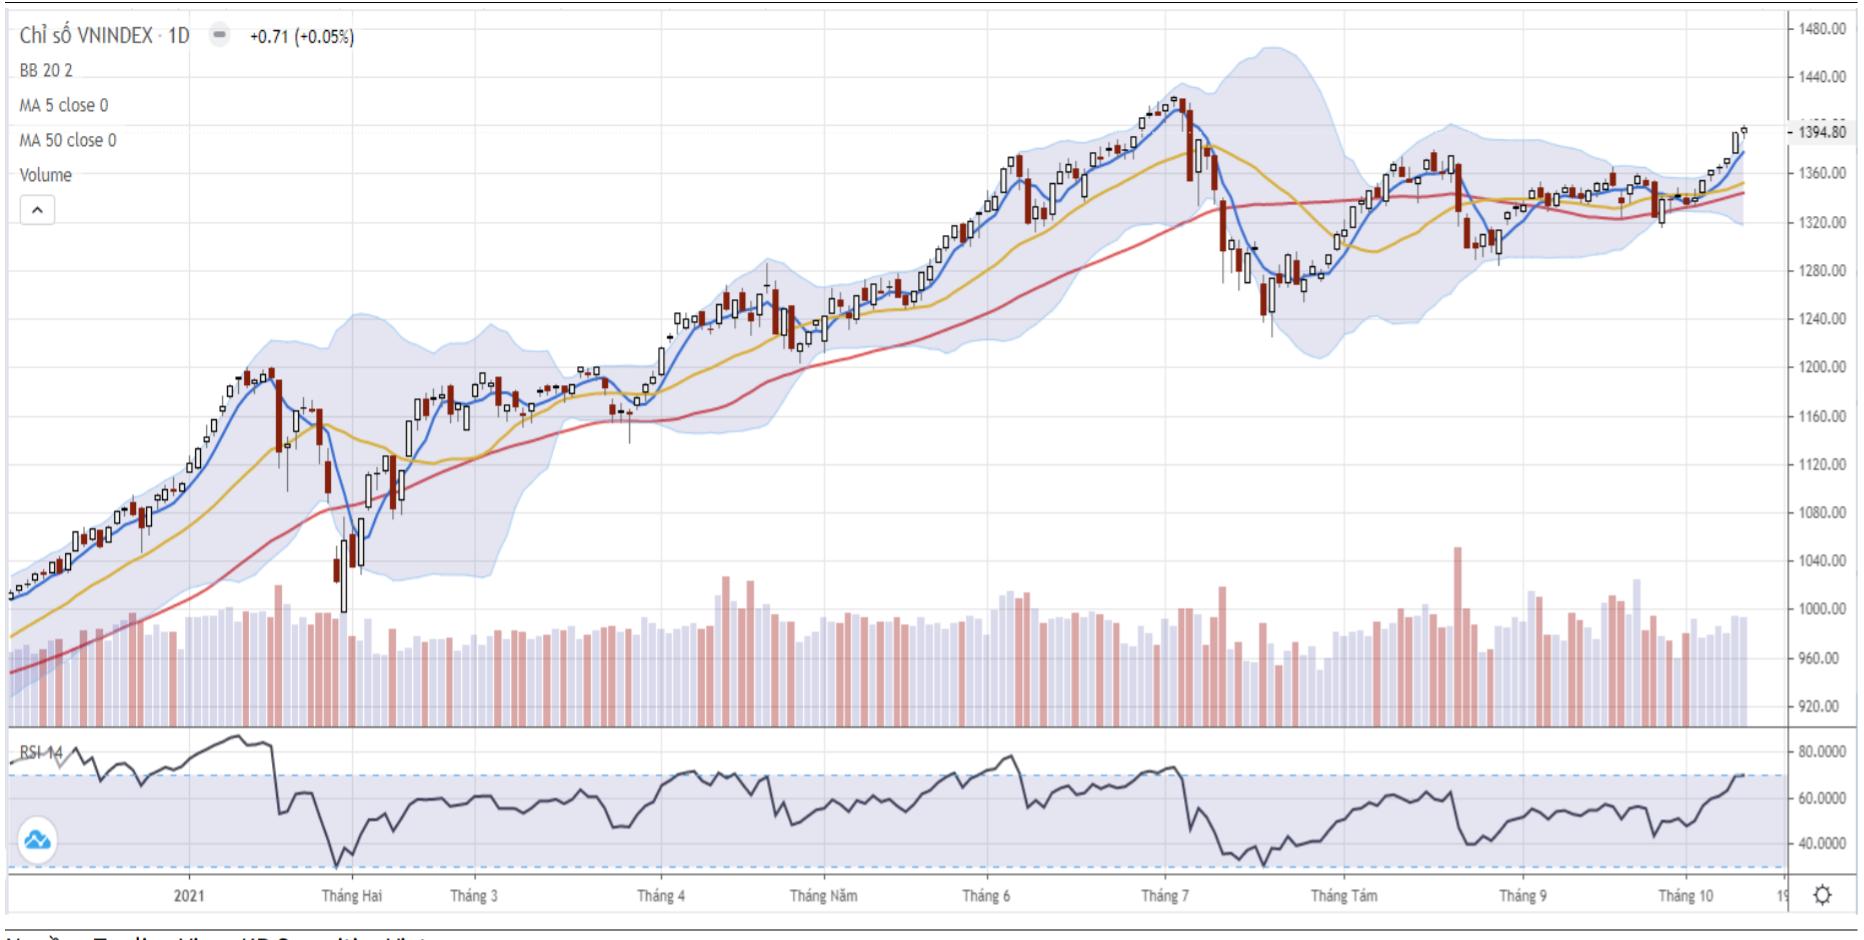 Nhận định thị trường chứng khoán ngày 13/10: Nhịp điều chỉnh sẽ nhanh chóng kết thúc? - Ảnh 1.